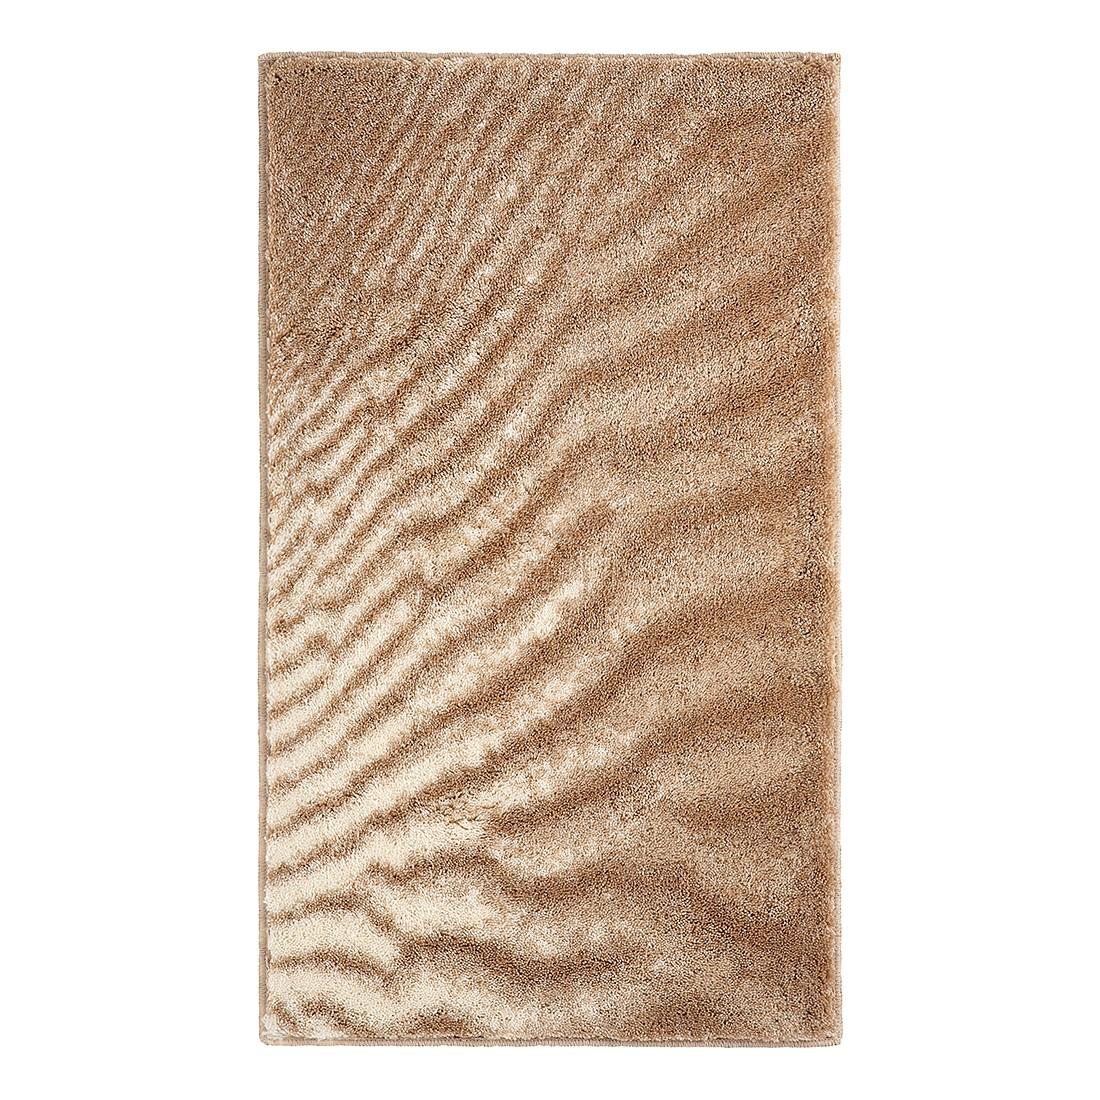 Badteppich Sahara – Sand – Größe: 120 x 70 cm, Grund kaufen